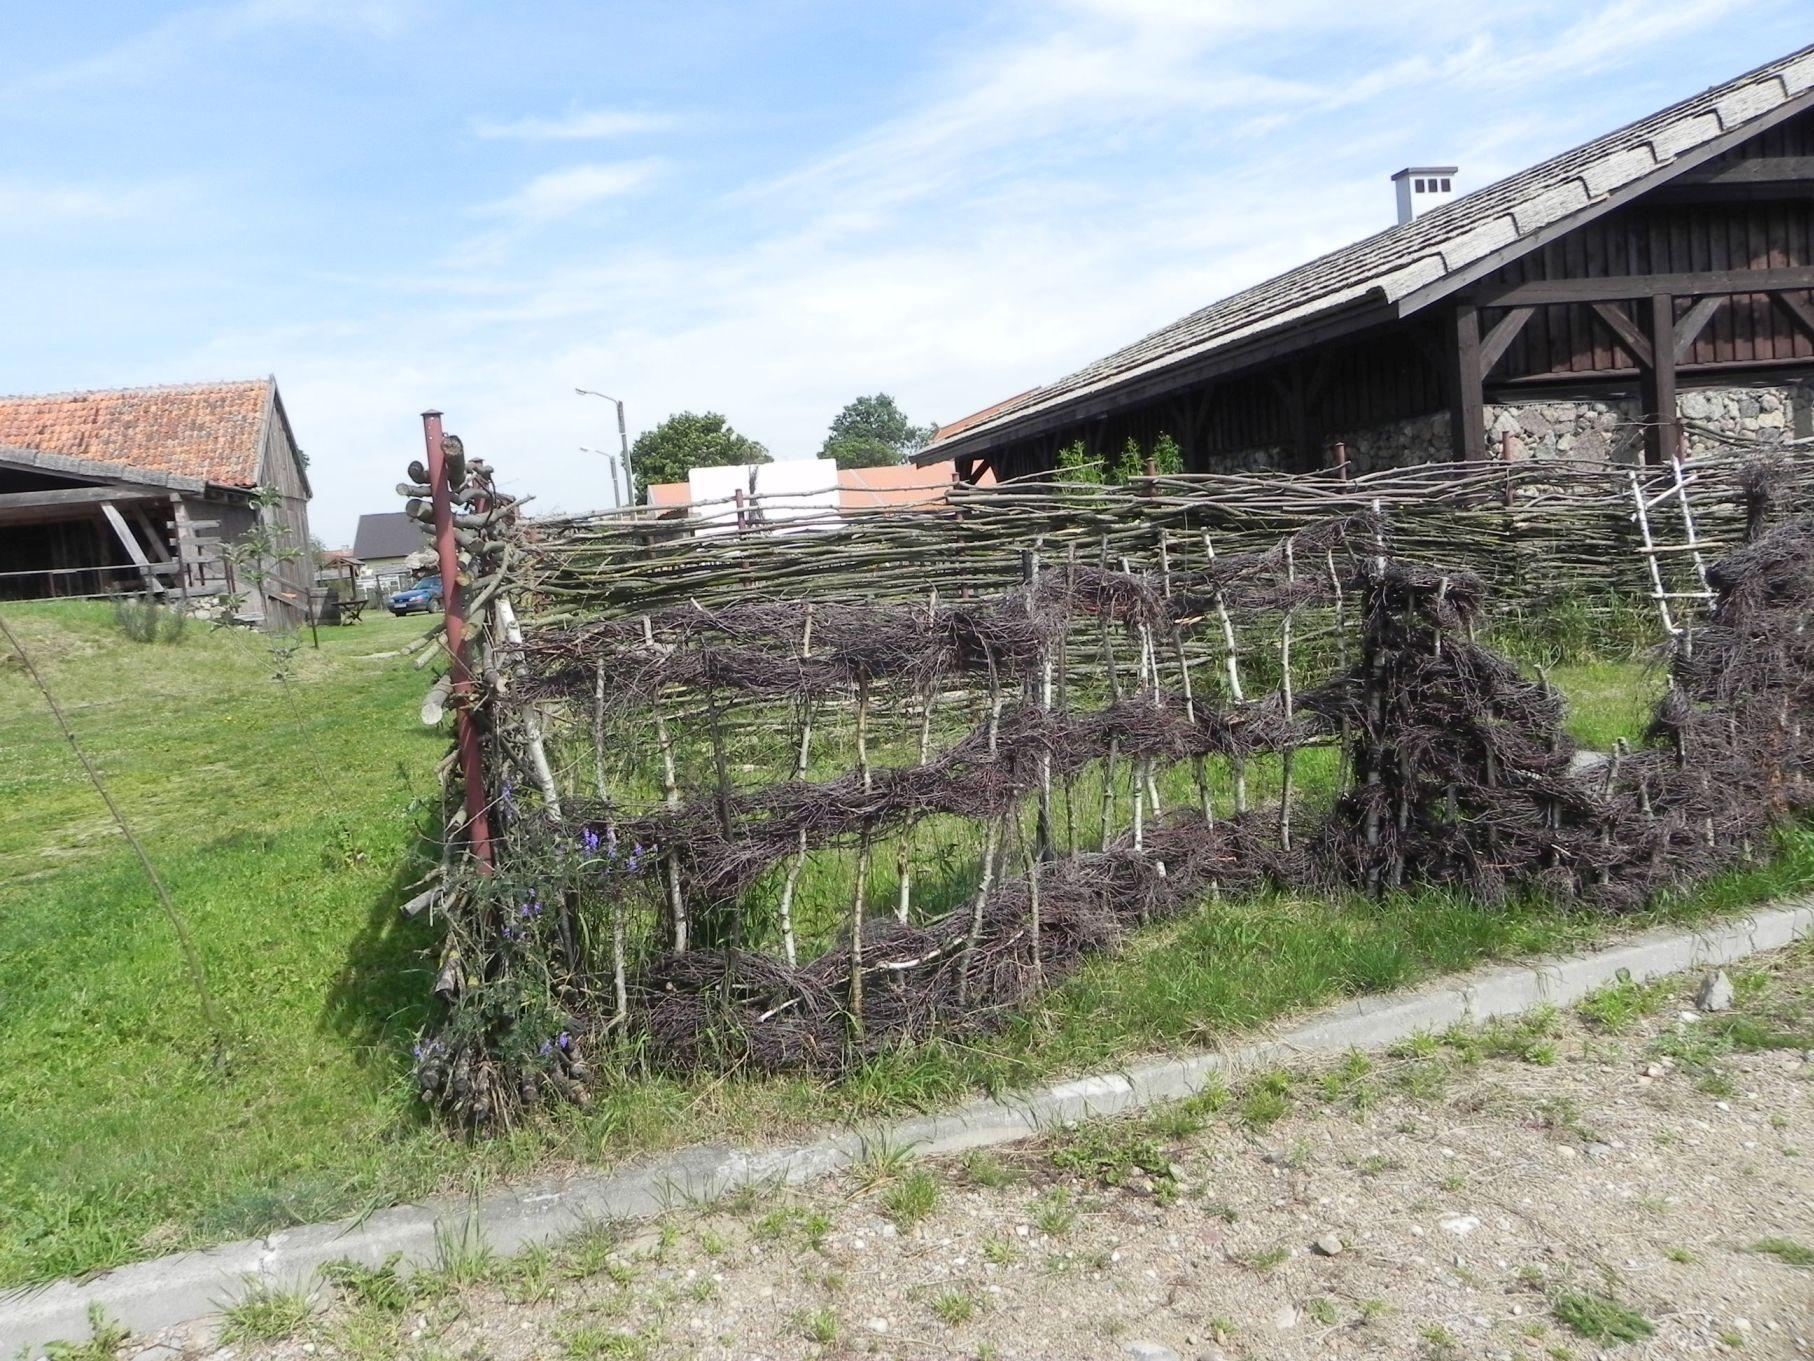 Kamionka - wioski tematyczne (26)